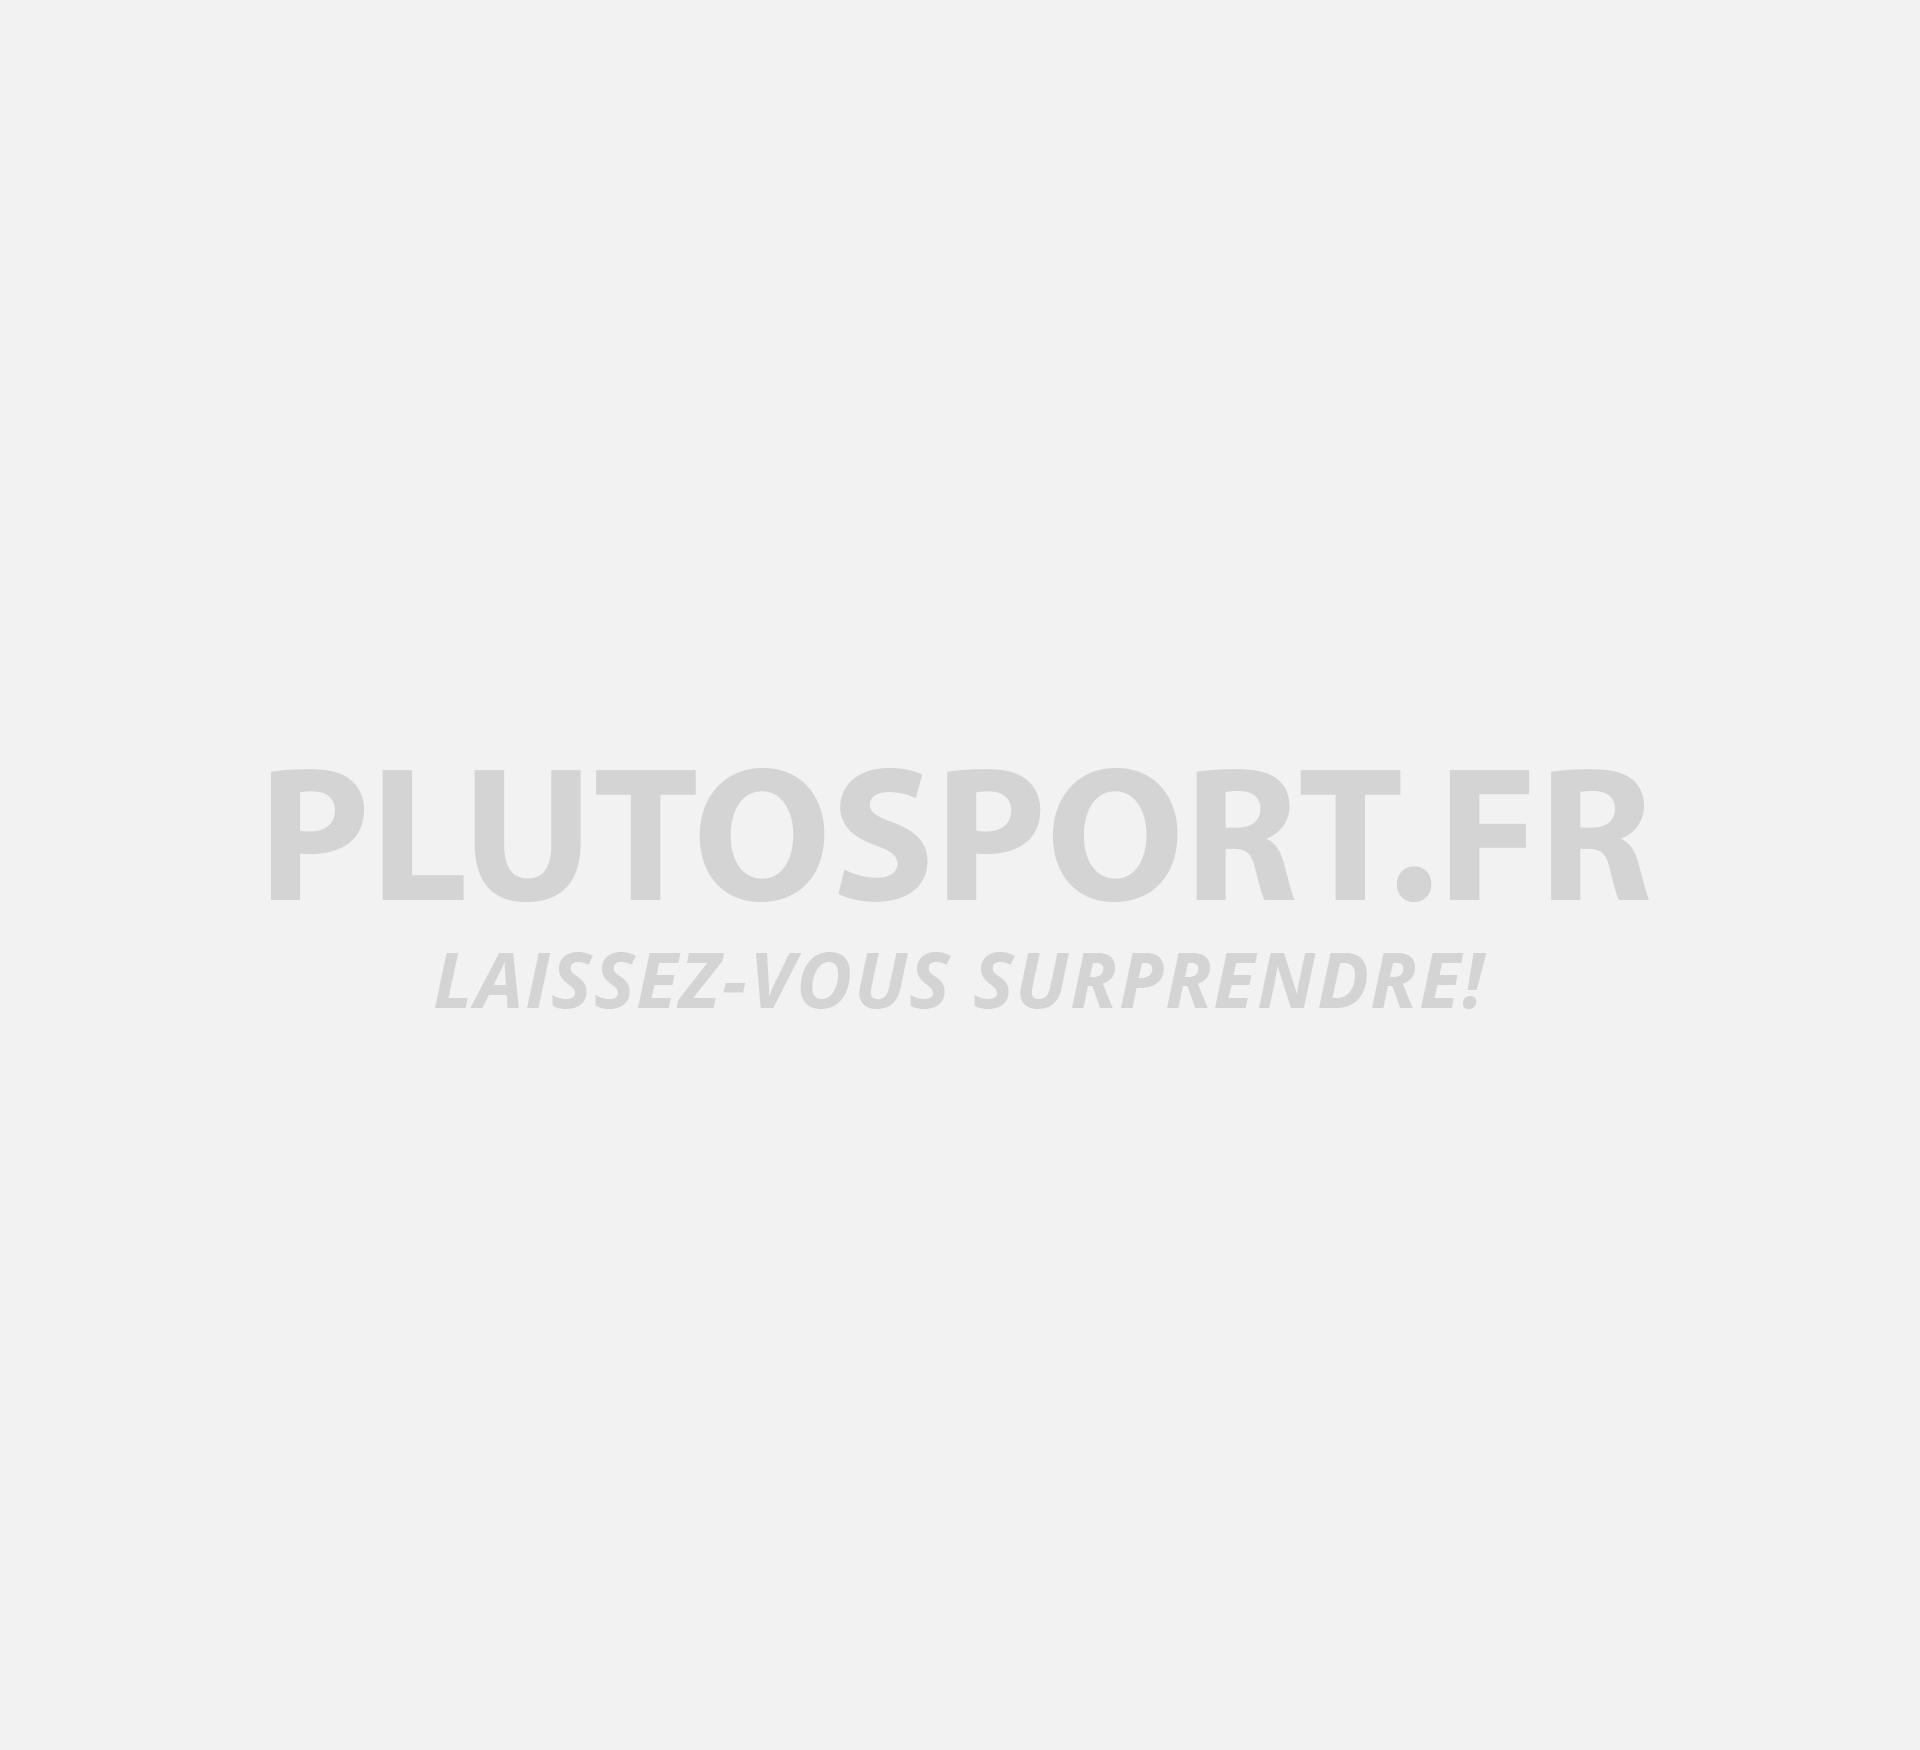 Adidas Assita 17 GK Jersey, Maillot de gardien de but pour enfants